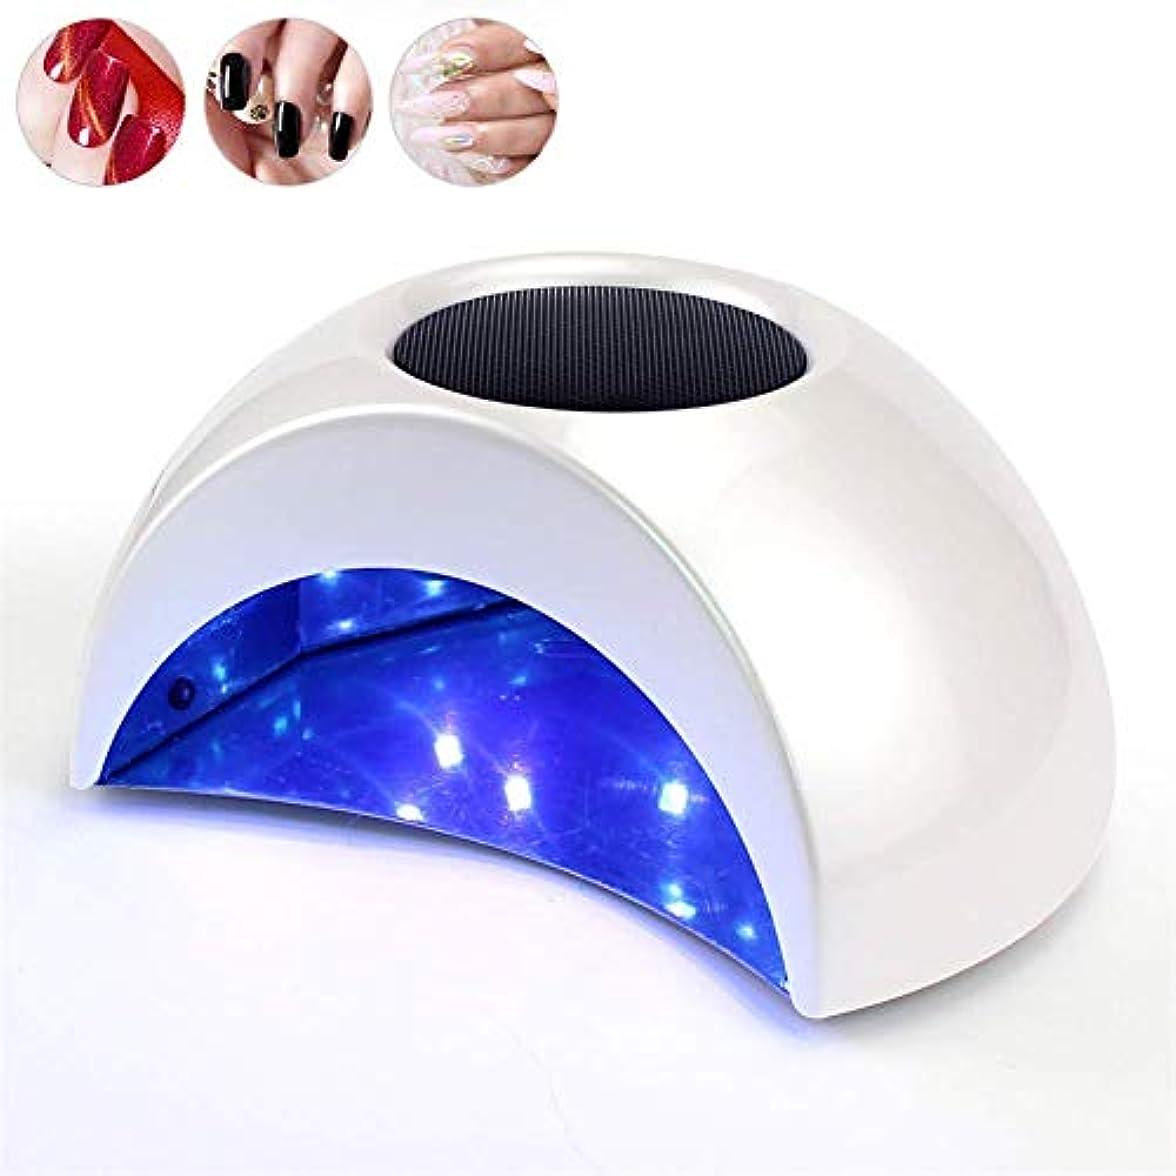 考古学的な主張達成爪のための36WランプUV LEDプロフェッショナルネイルドライヤー付き空気清浄光療法マニキュアランプ用ゲルポリッシュ機器